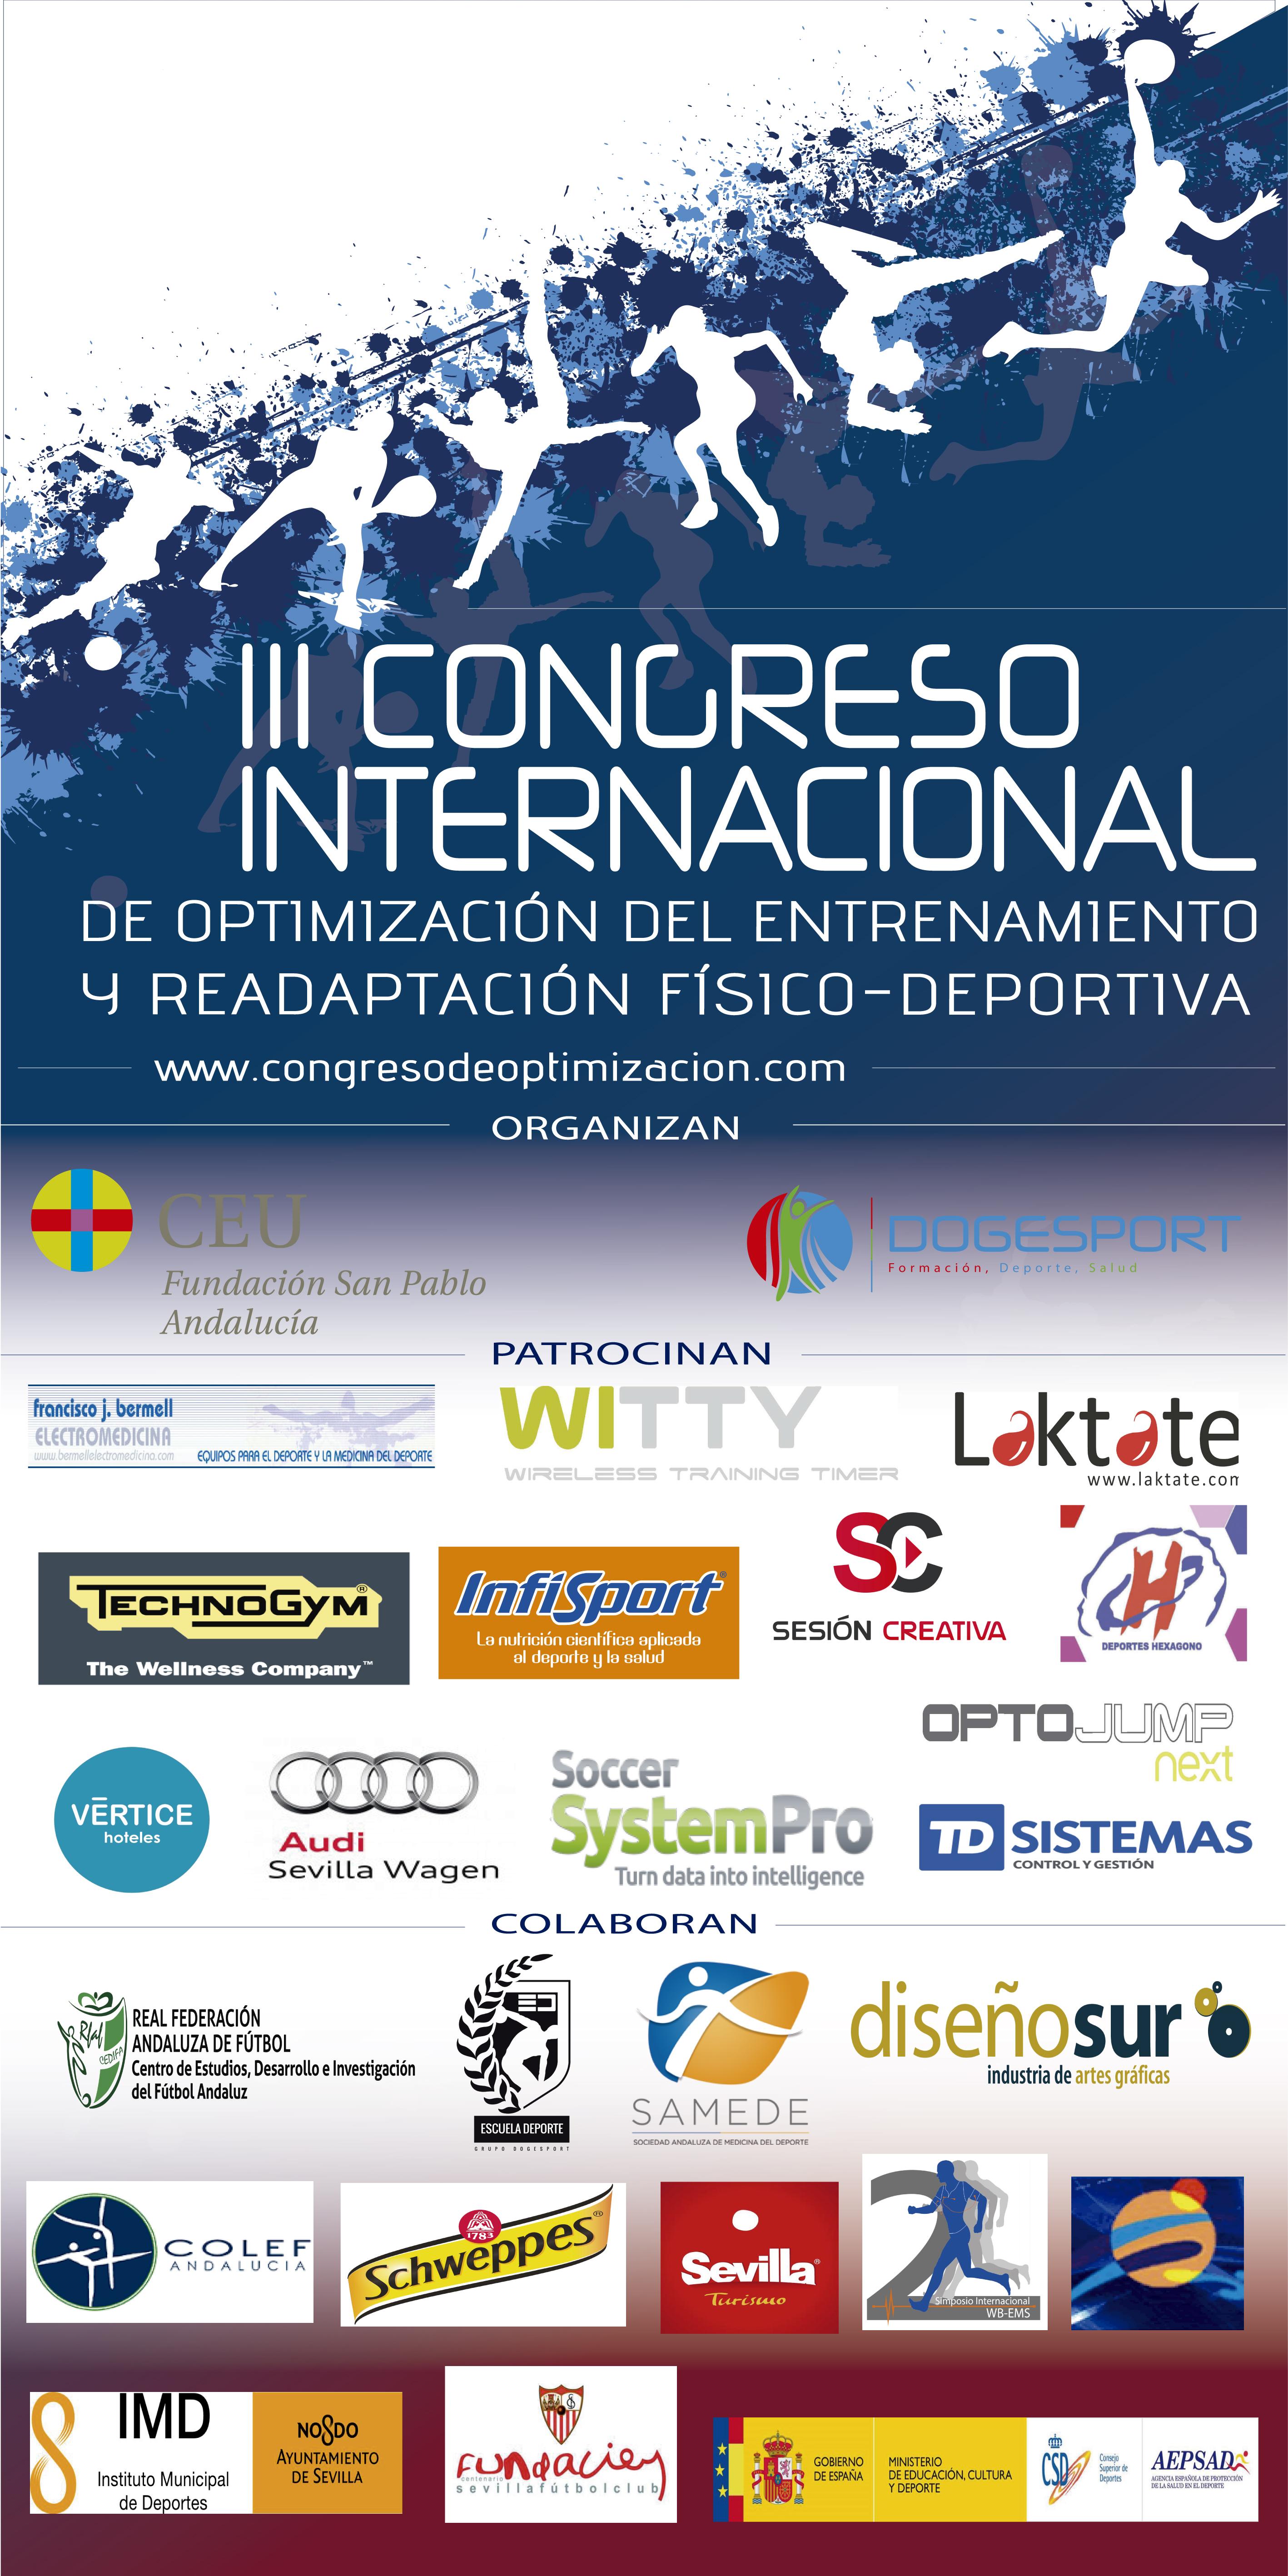 III Congreso Internacional en Optimización del Entrenamiento y Readaptación Físico Deportiva